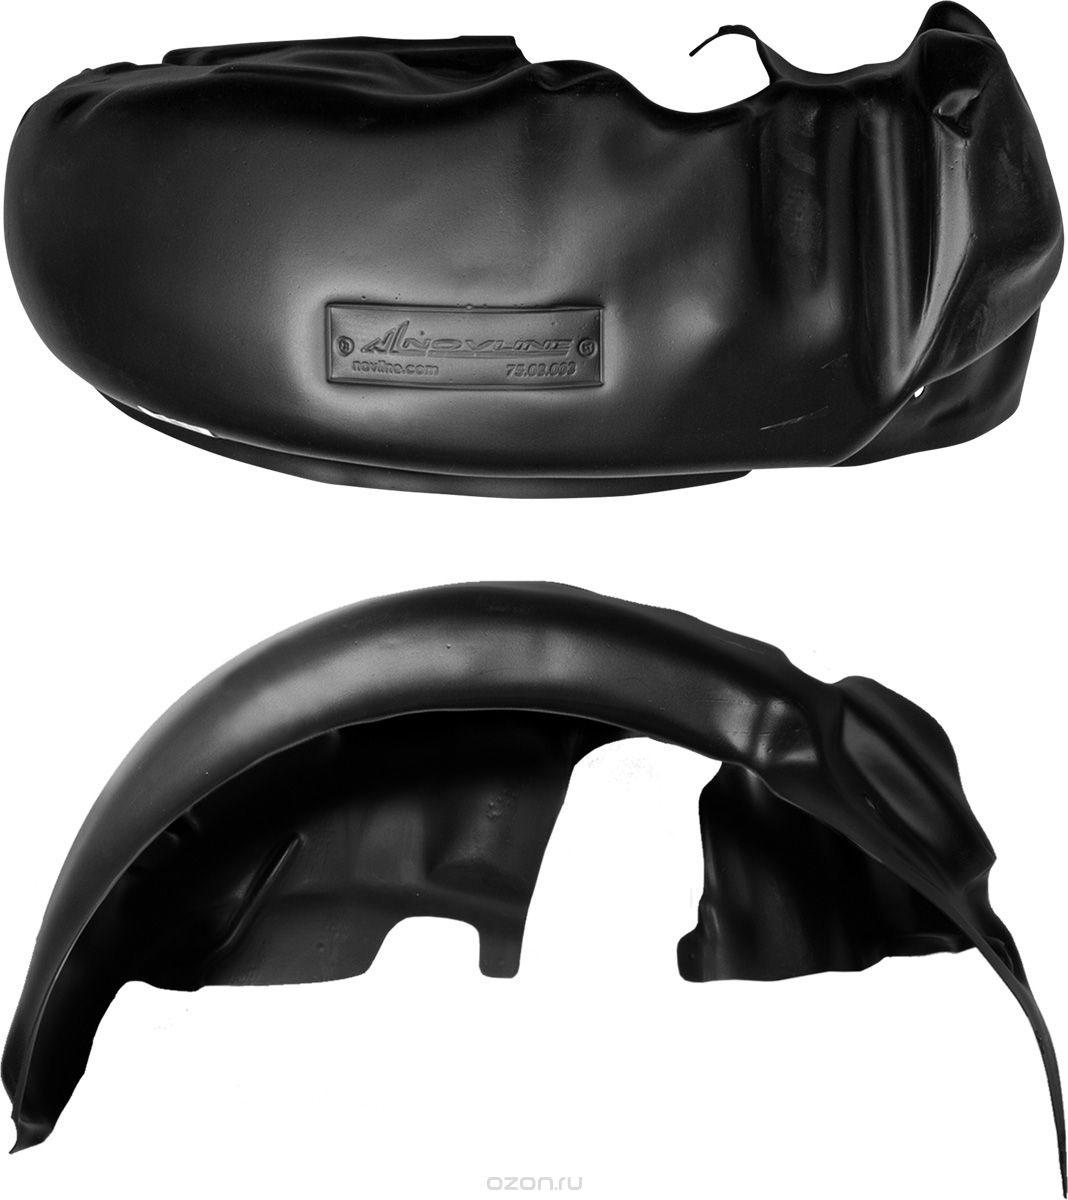 Подкрылок Novline-Autofamily, для Нива, 04/1997->, передний левый002411Идеальная защита колесной ниши. Локеры разработаны с применением цифровых технологий, гарантируют максимальную повторяемость поверхности арки. Изделия устанавливаются без нарушения лакокрасочного покрытия автомобиля, каждый подкрылок комплектуется крепежом. Уважаемые клиенты, обращаем ваше внимание, что фотографии на подкрылки универсальные и не отражают реальную форму изделия. При этом само изделие идет точно под размер указанного автомобиля.